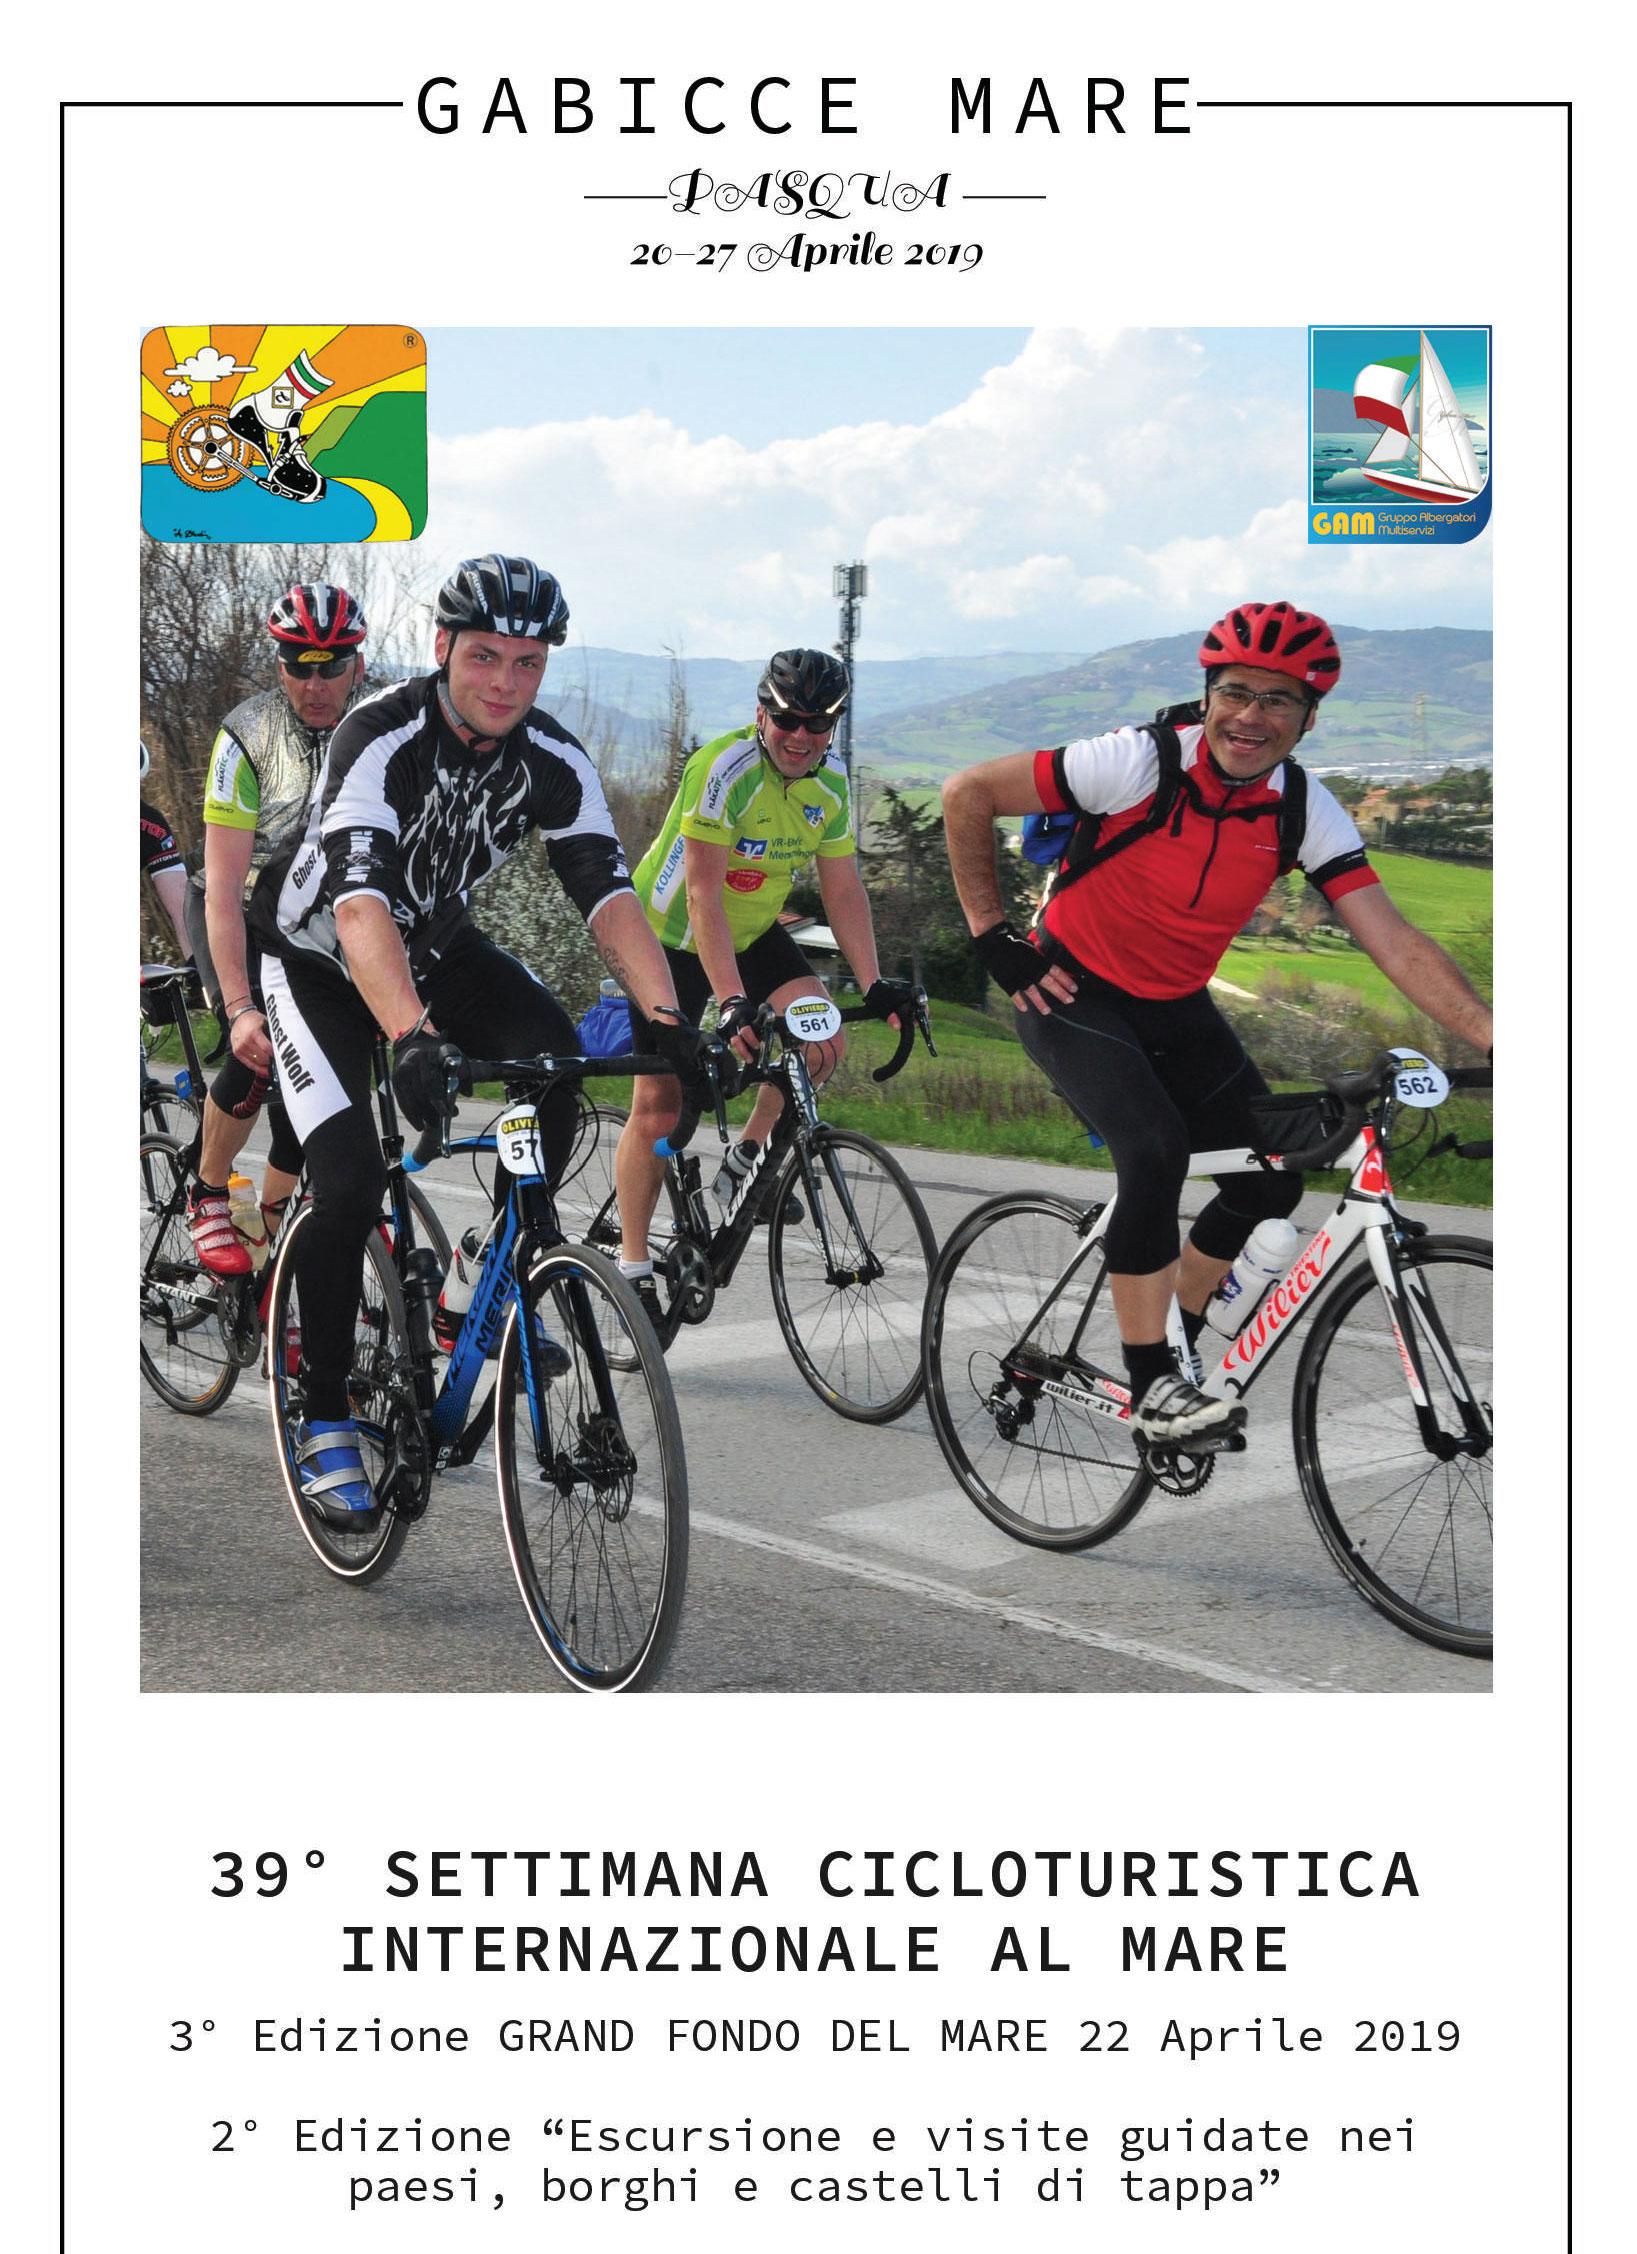 Cicloturistica-2019